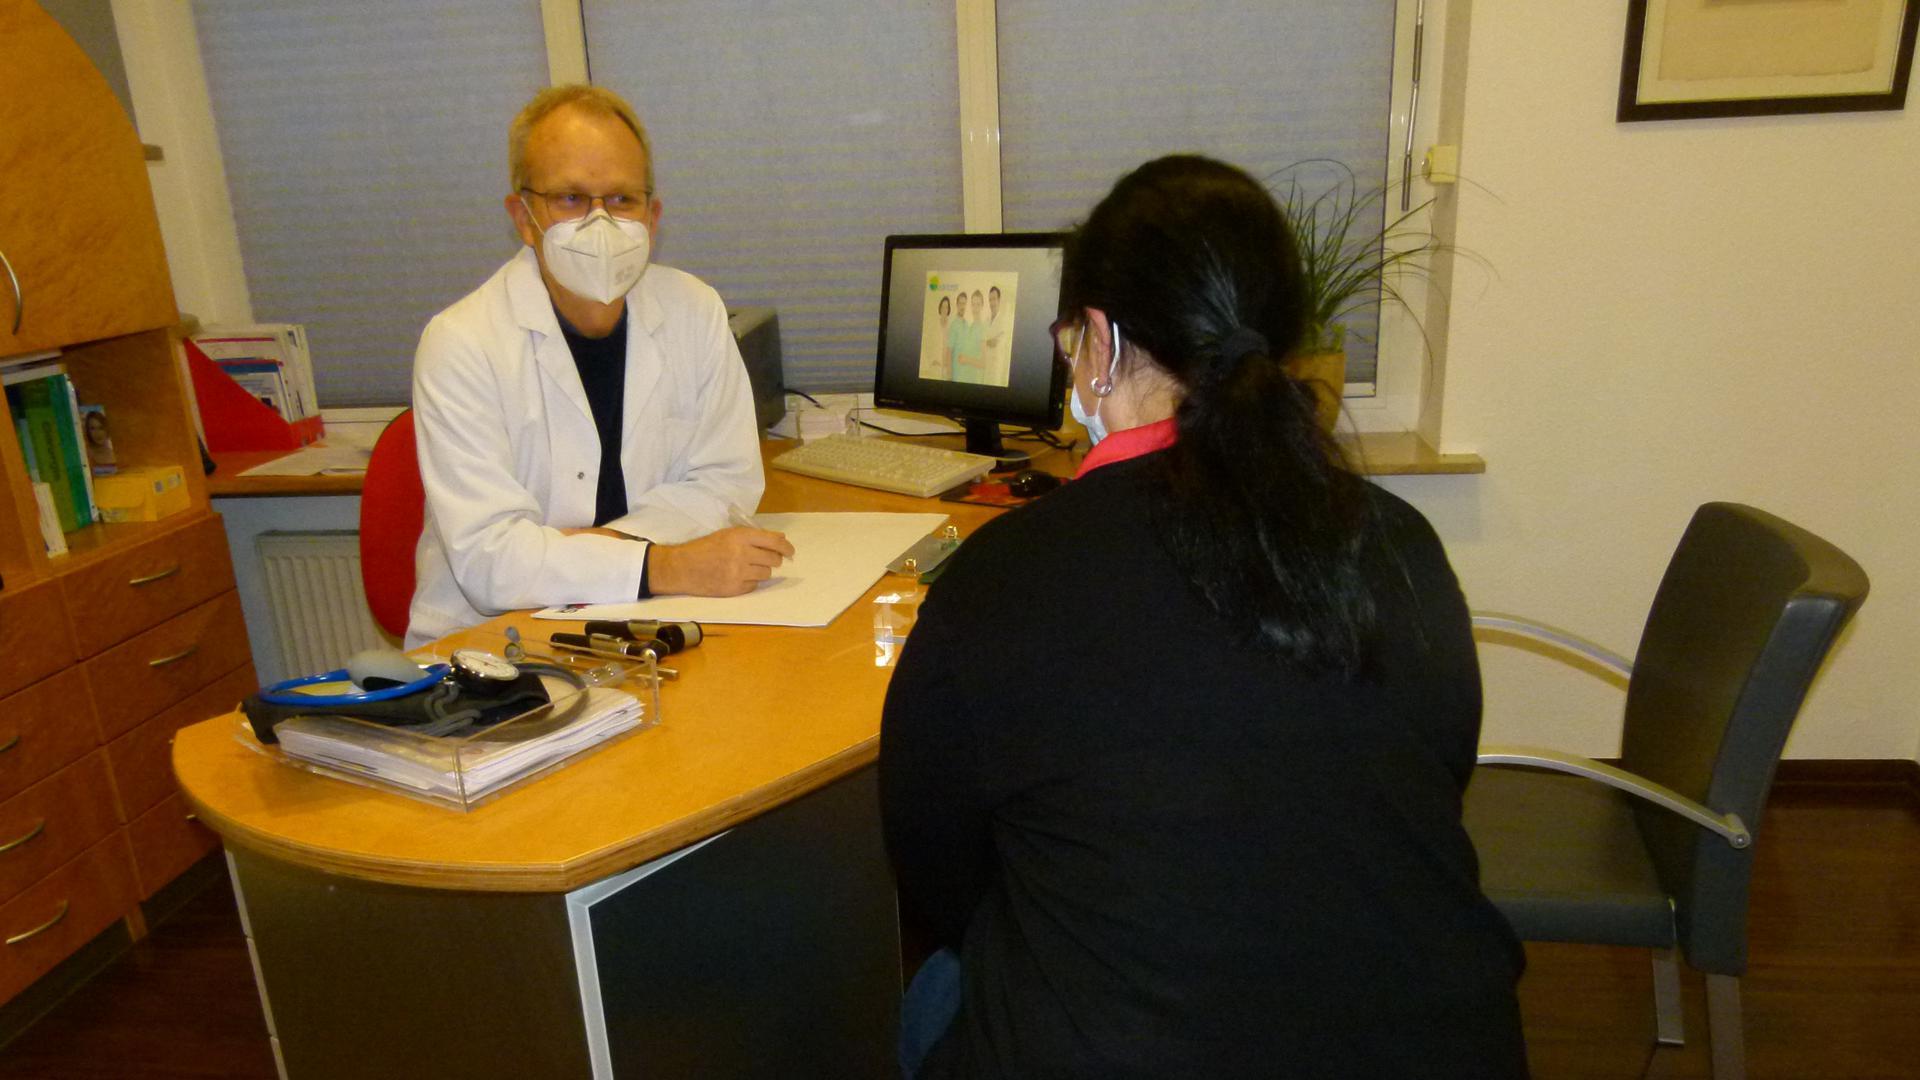 Mediziner berät mit Mundschutz eine Patientin